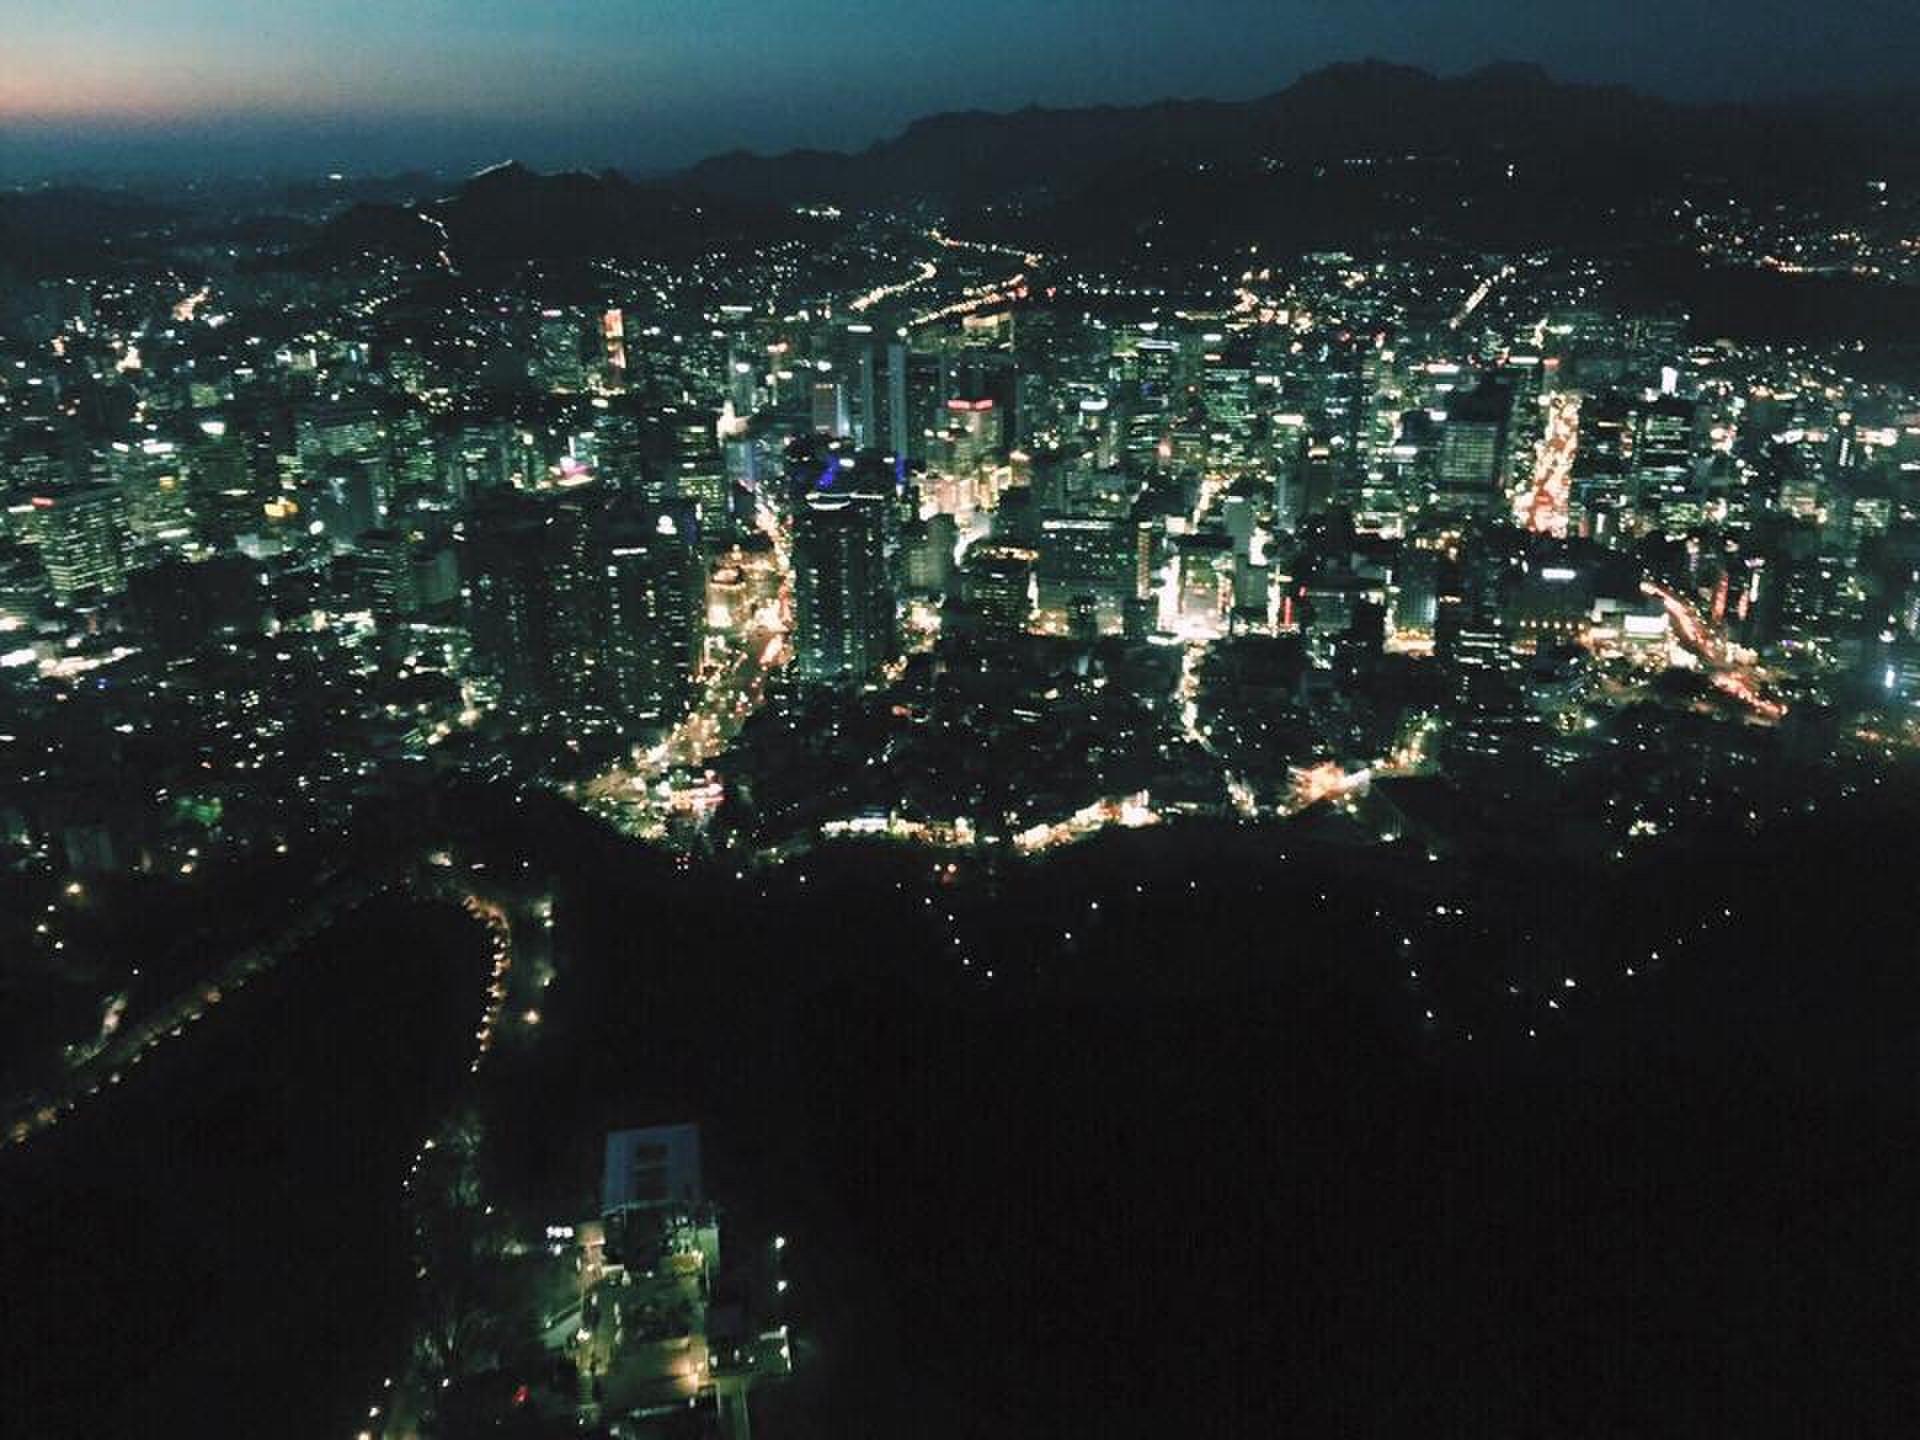 ソウルタワーでアクテイブに。ドラゴンヒルスパでリラックス♡韓国女子旅、ソウルの歩き方はこれ!